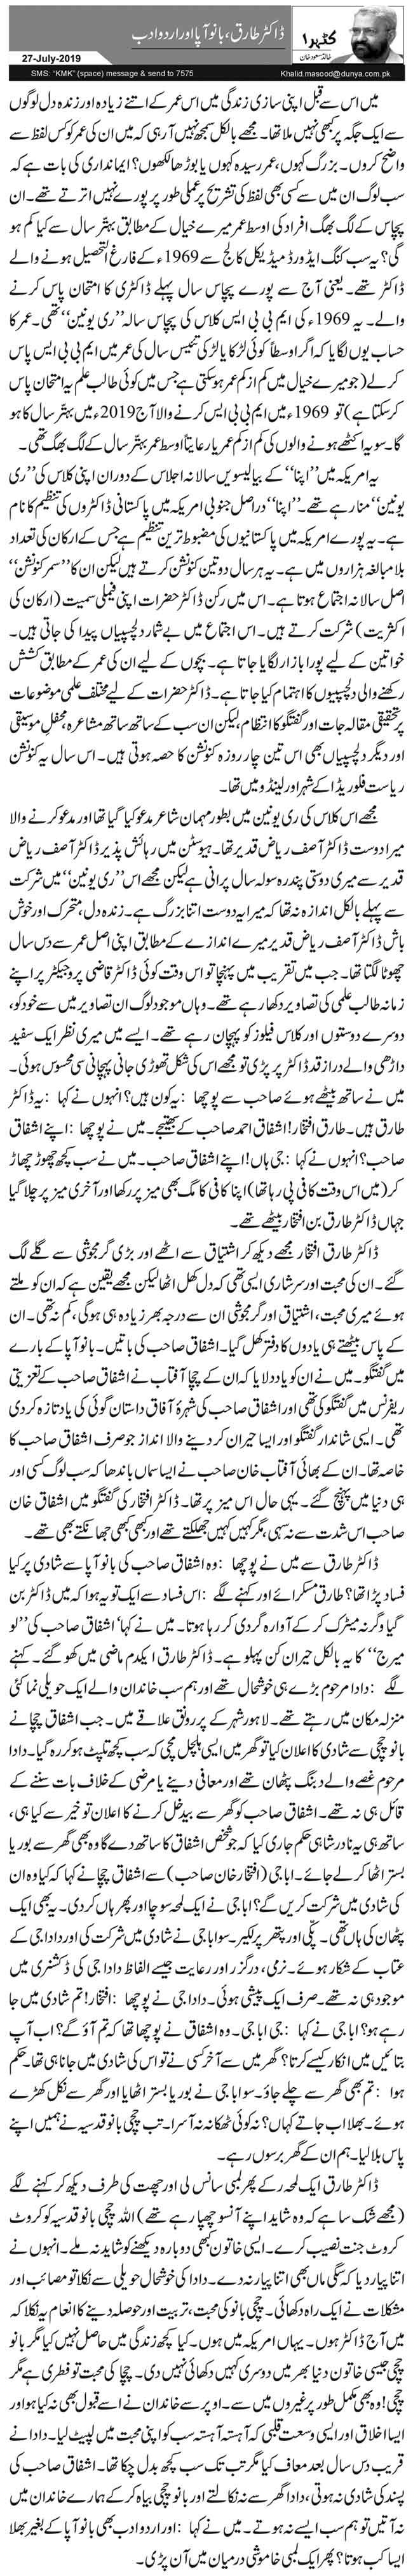 ڈاکٹر طارق، بانو آپا اور اردو ادب